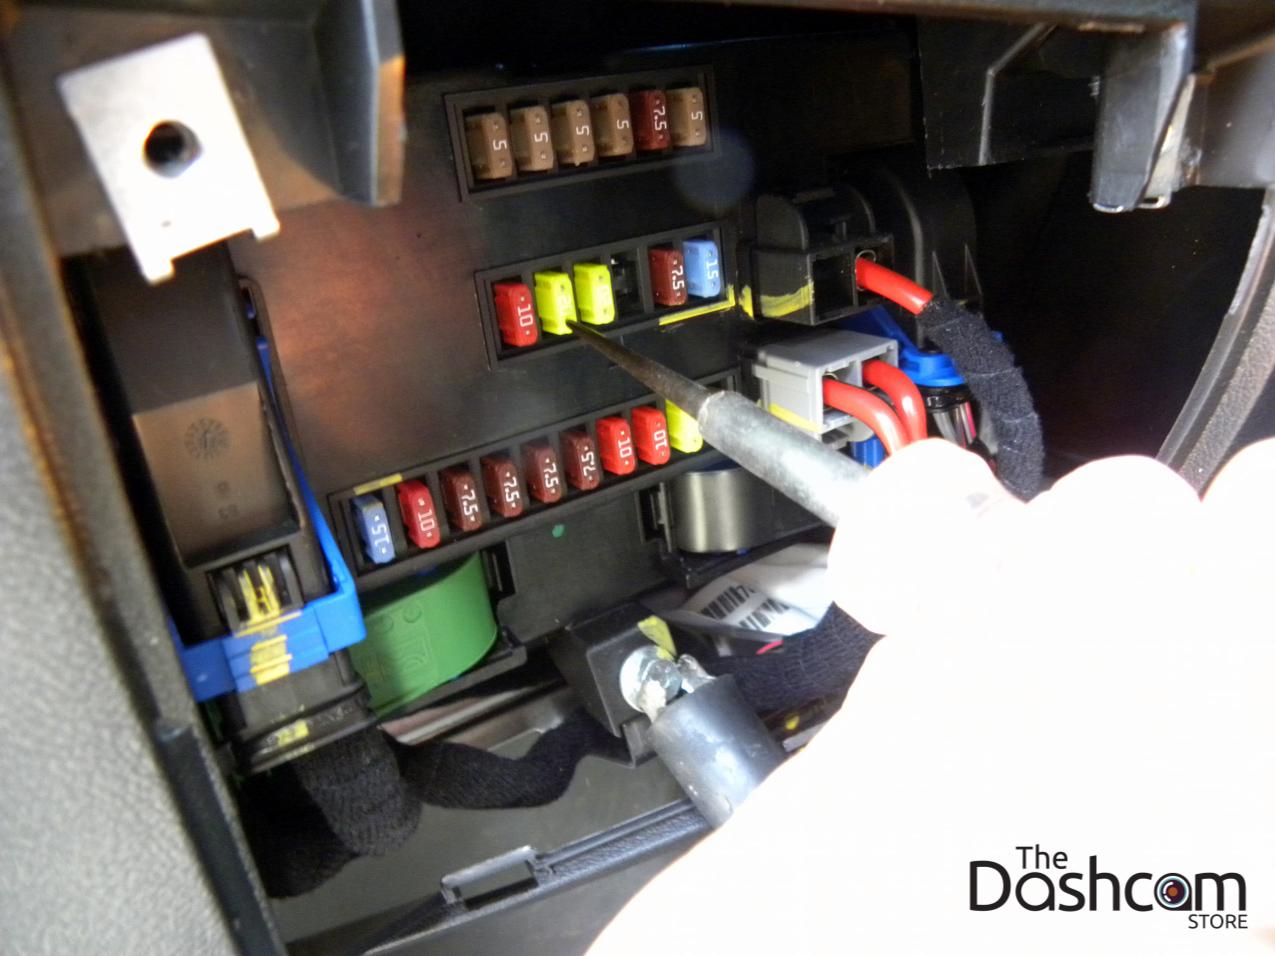 2015 Ram Promaster 2500 Fuse Box Diagram Wire Center \u2022 Mirror Switch  Wiring 2001 Ram 2014 Ram Promaster Fuse Box